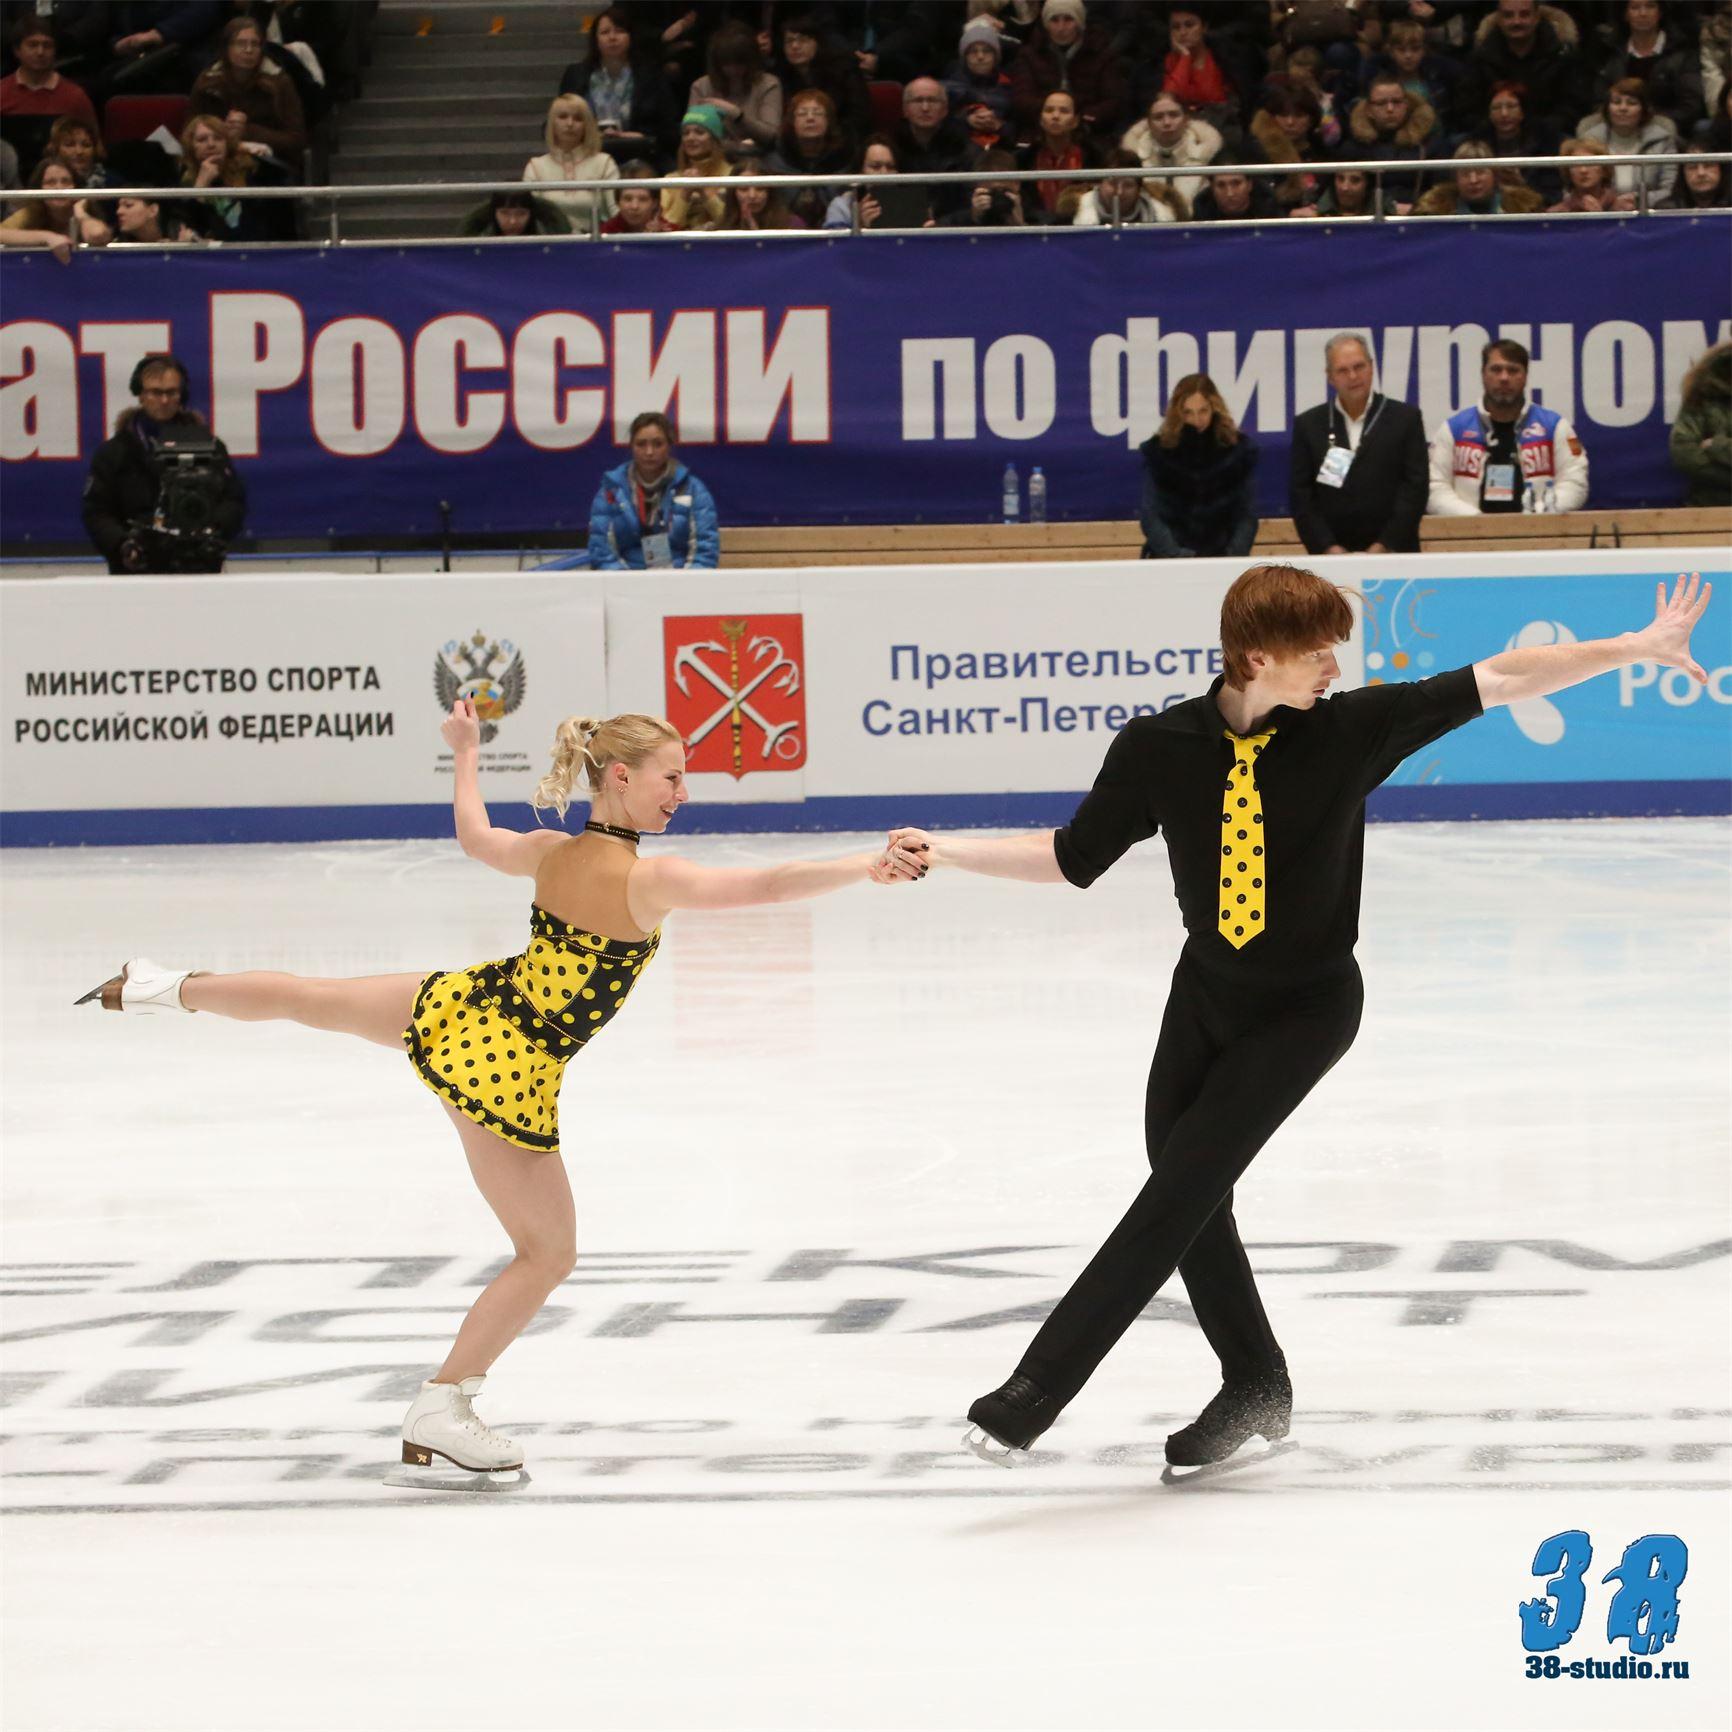 Евгения Тарасова - Владимир Морозов-2 - Страница 2 NfuvfoSEVd0